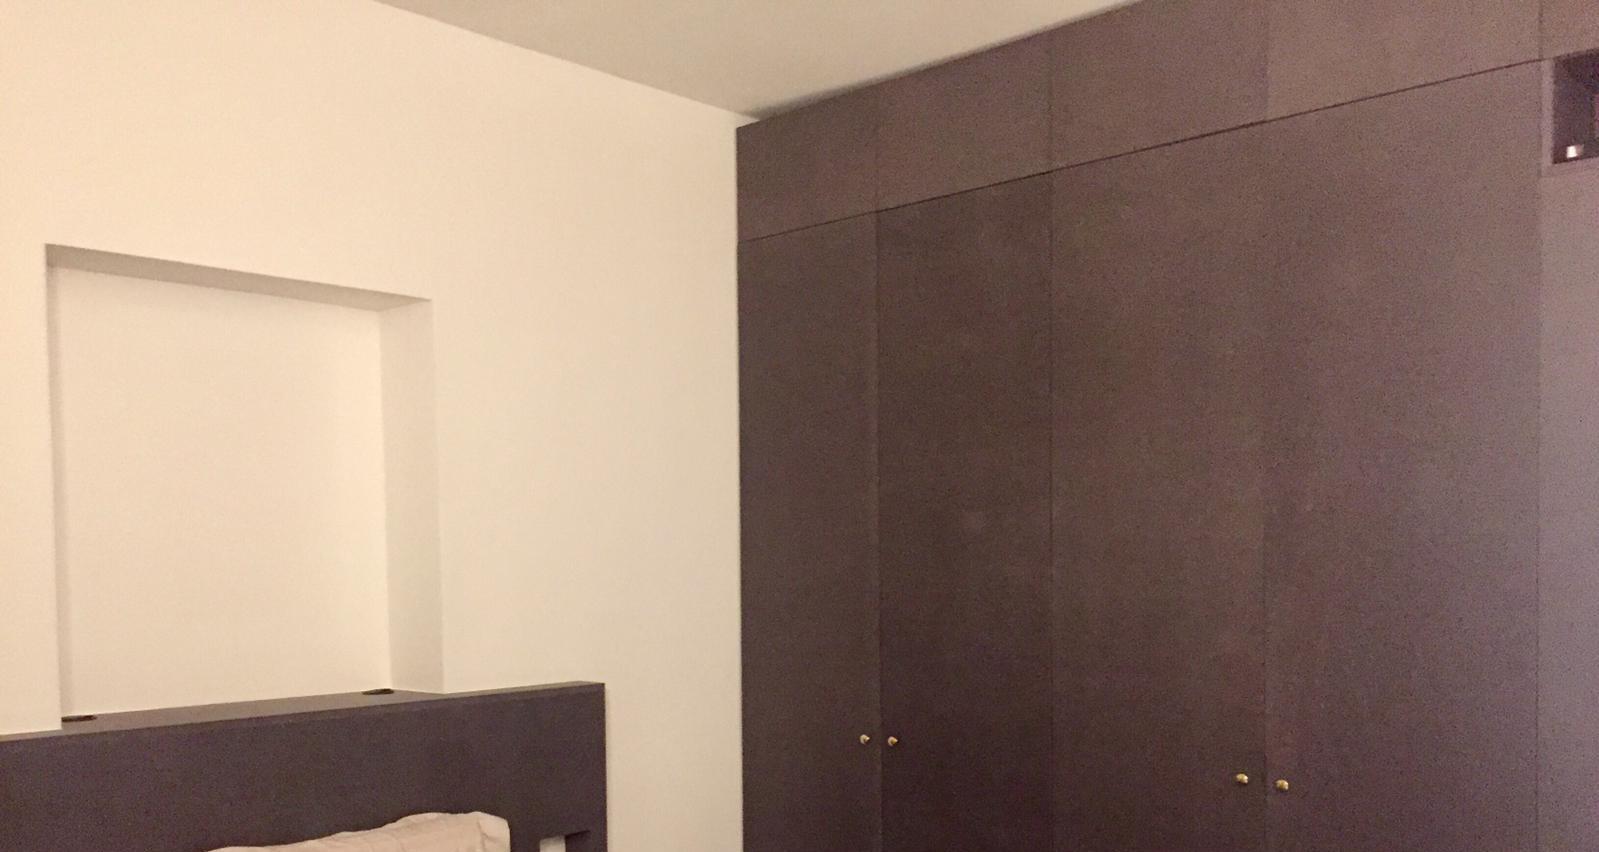 Isolation Phonique Mur Chambre isolation phonique de plafond - chambre d'appartement ancien